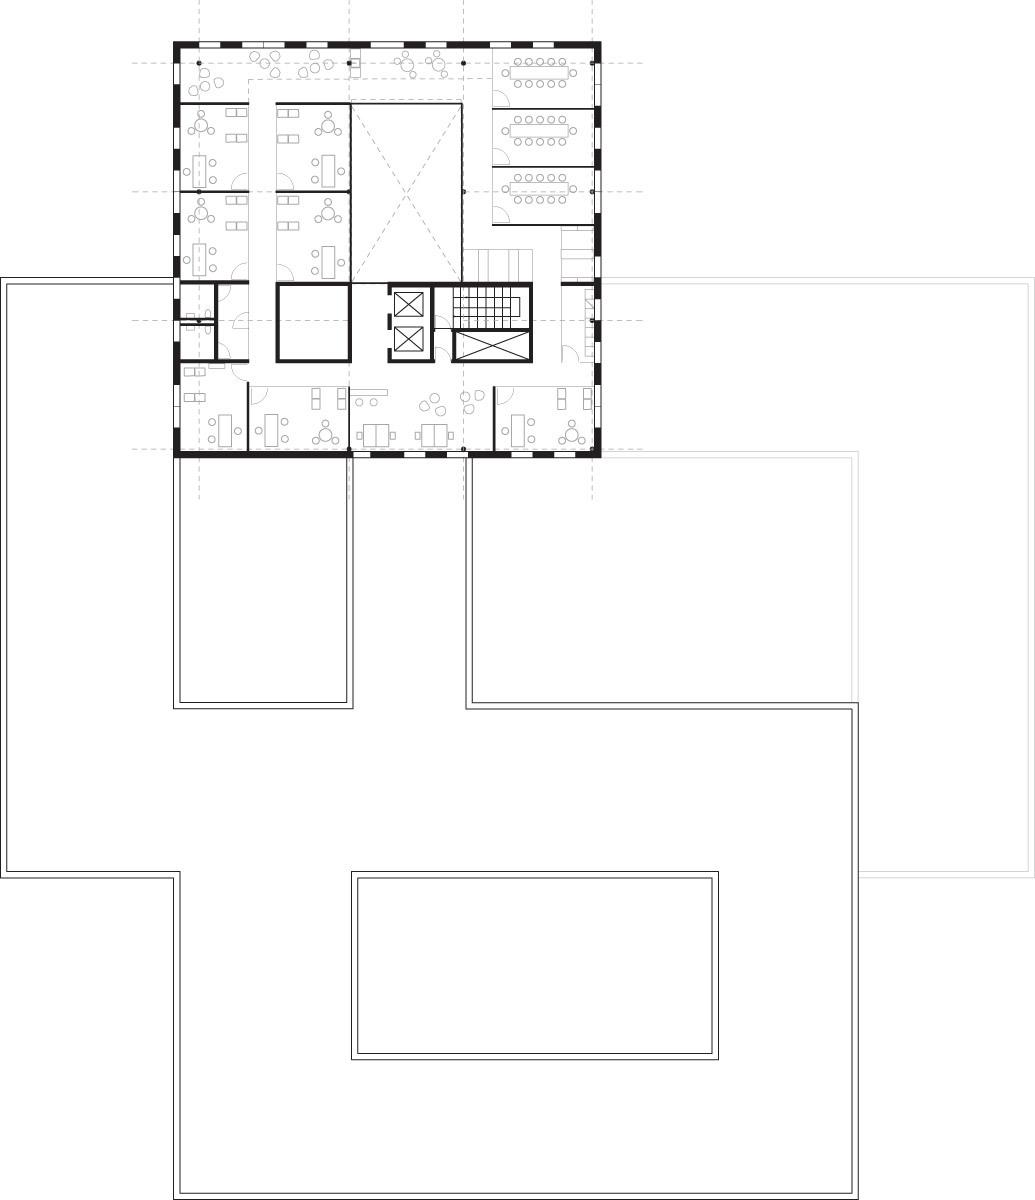 ZSW 04 PLAN.pdf (Image: Henning Larsen Architects)